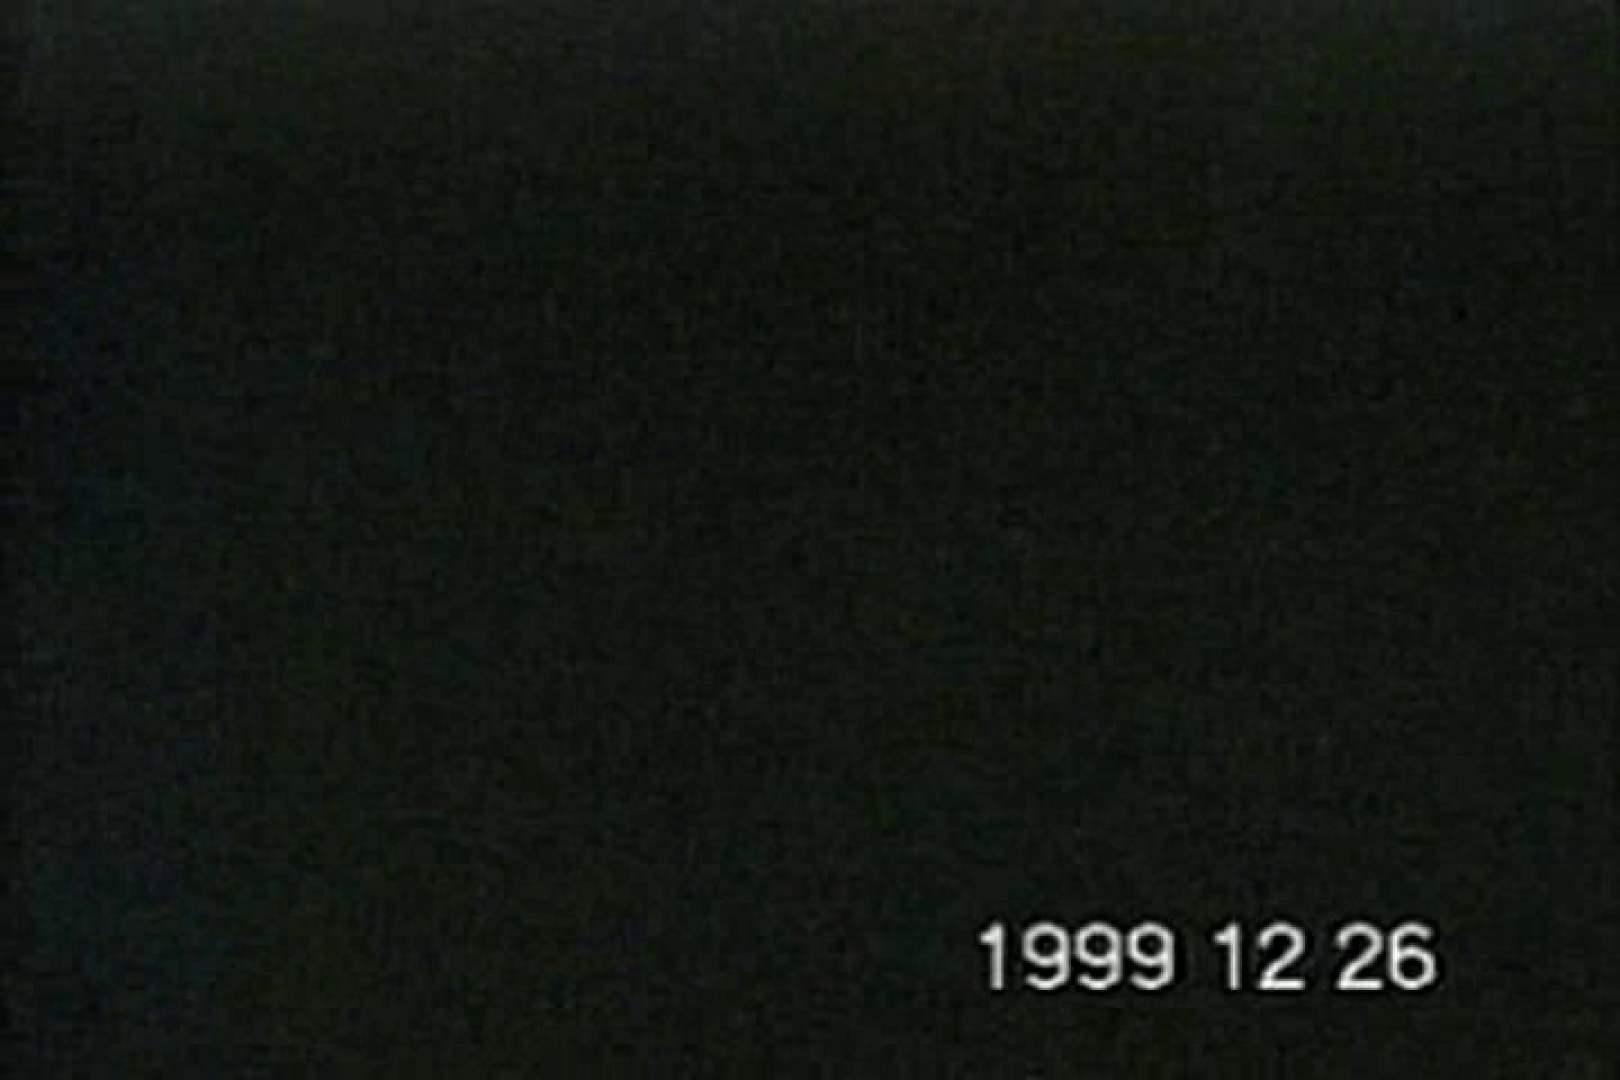 蔵出し!!赤外線カーセックスVol.11 カーセックス オメコ動画キャプチャ 76画像 19